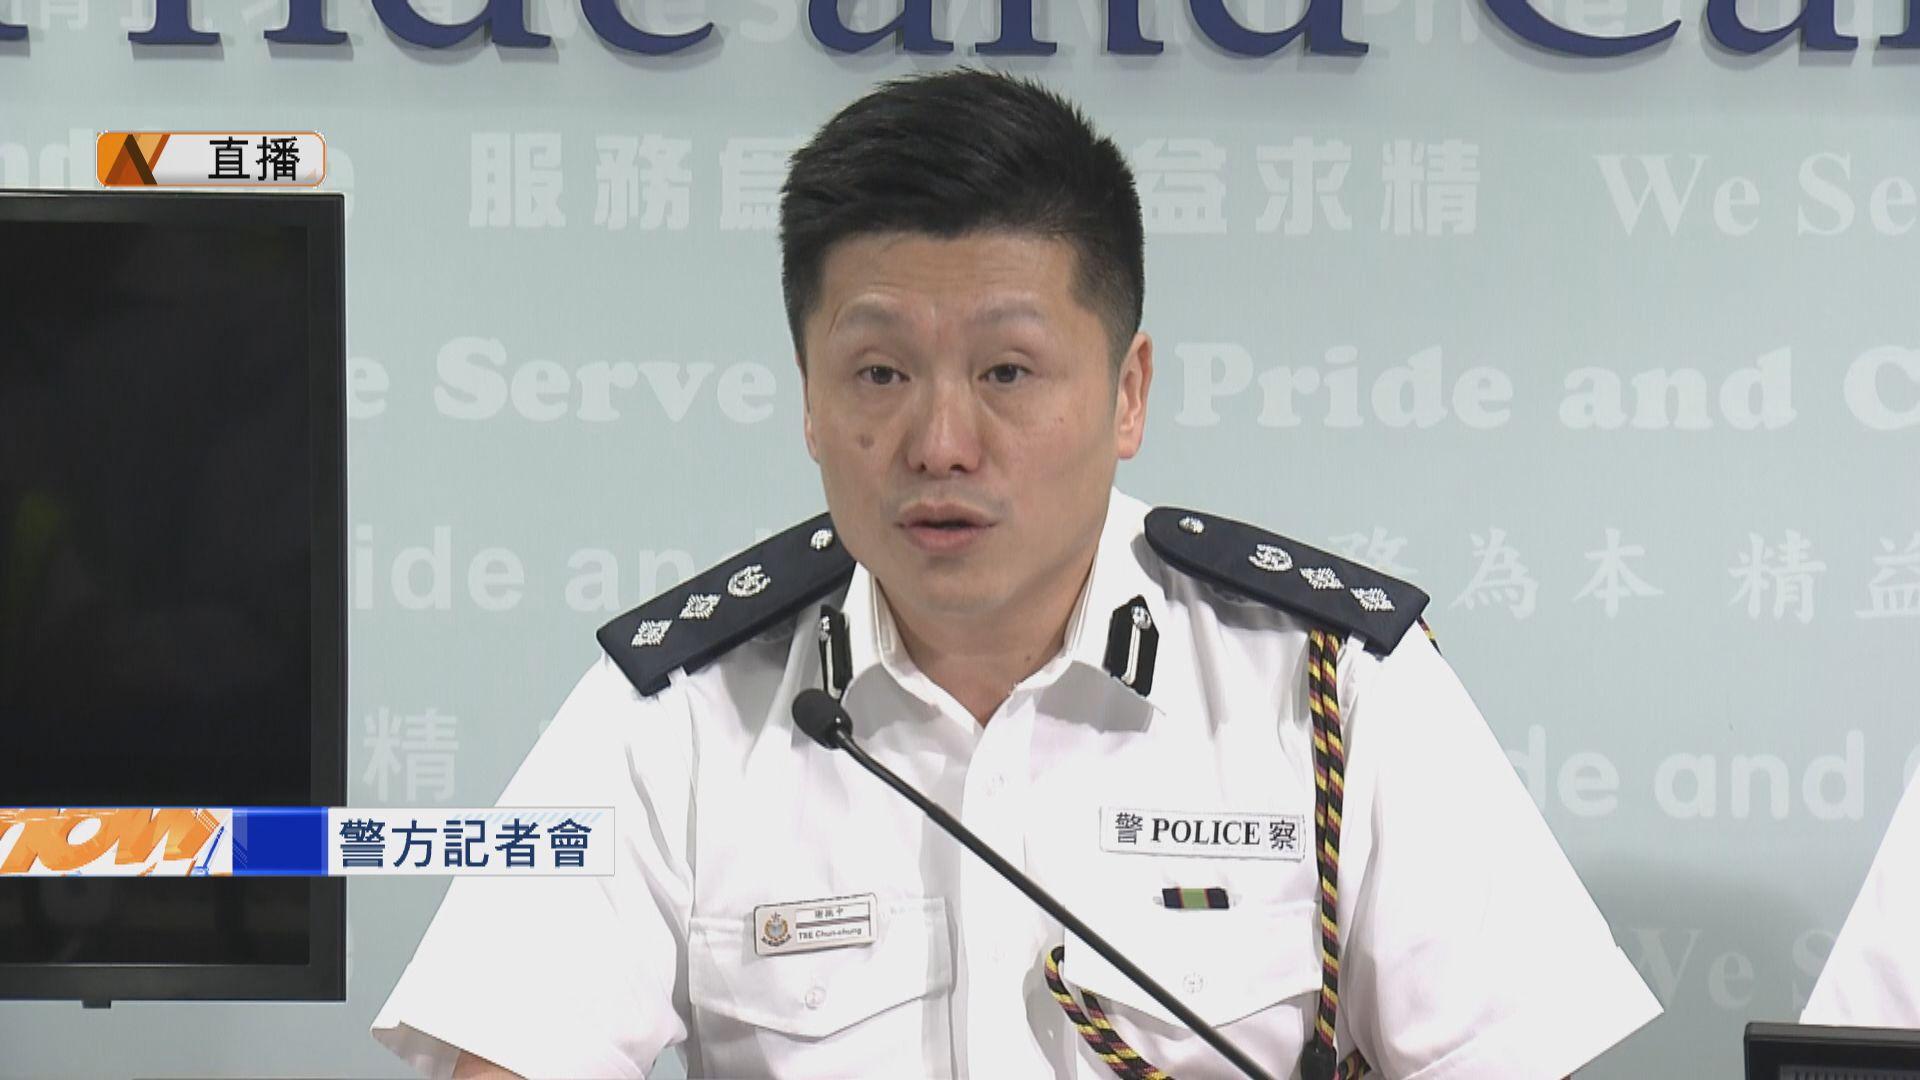 【最新】警方:有別有用心人士穿反光衣混入記者群攻擊警員